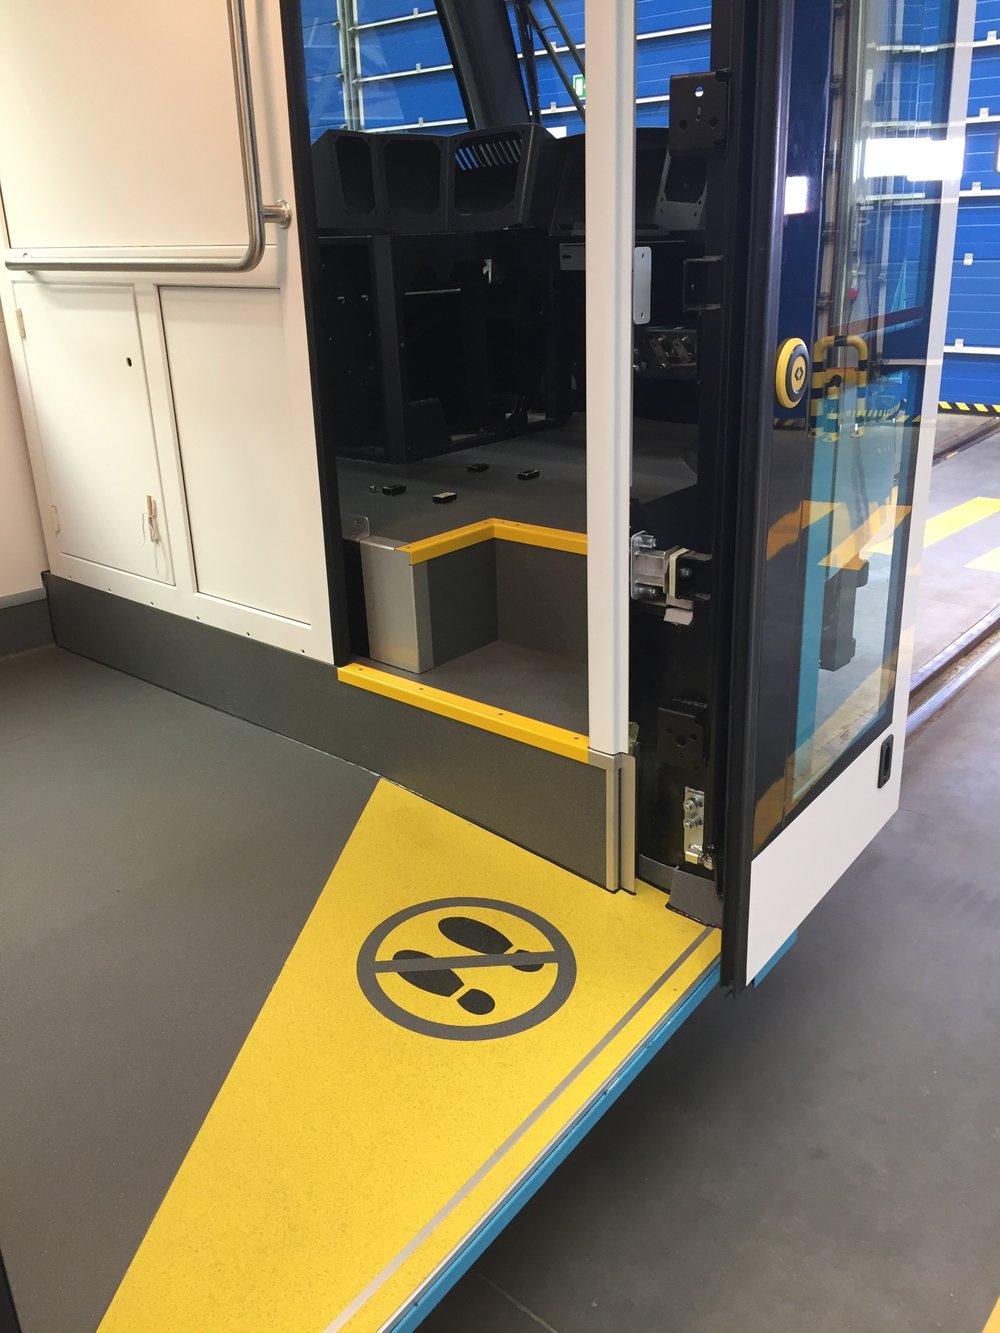 Nástup prvními dveřmi a přístup na stanoviště řidiče. (foto: Libor Hinčica)